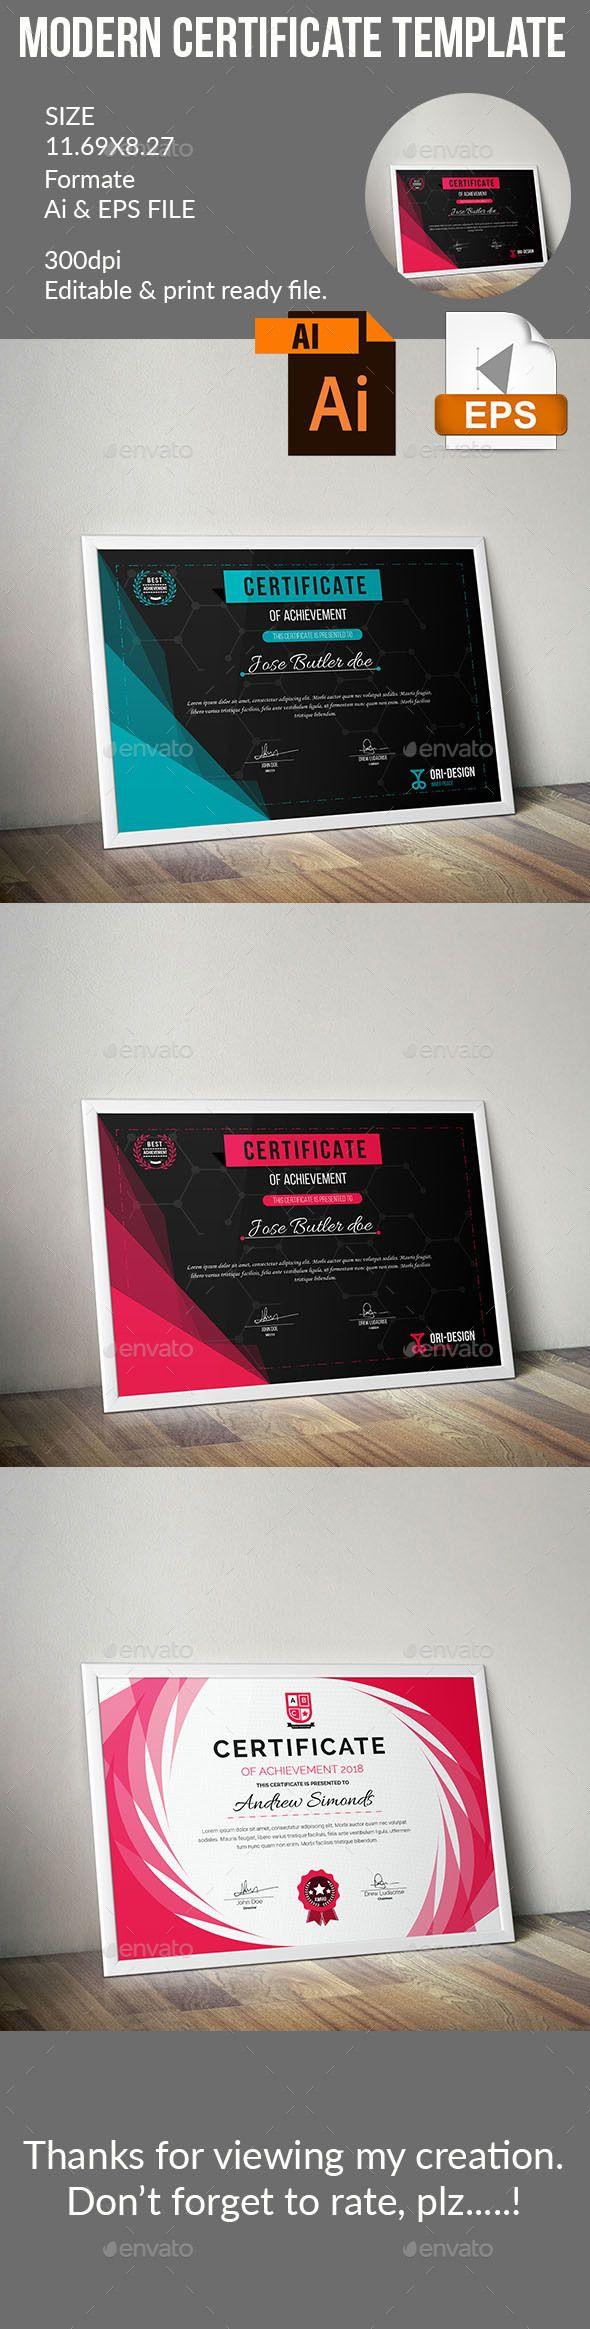 Certificate template certificate certificate design and template certificate template yadclub Choice Image